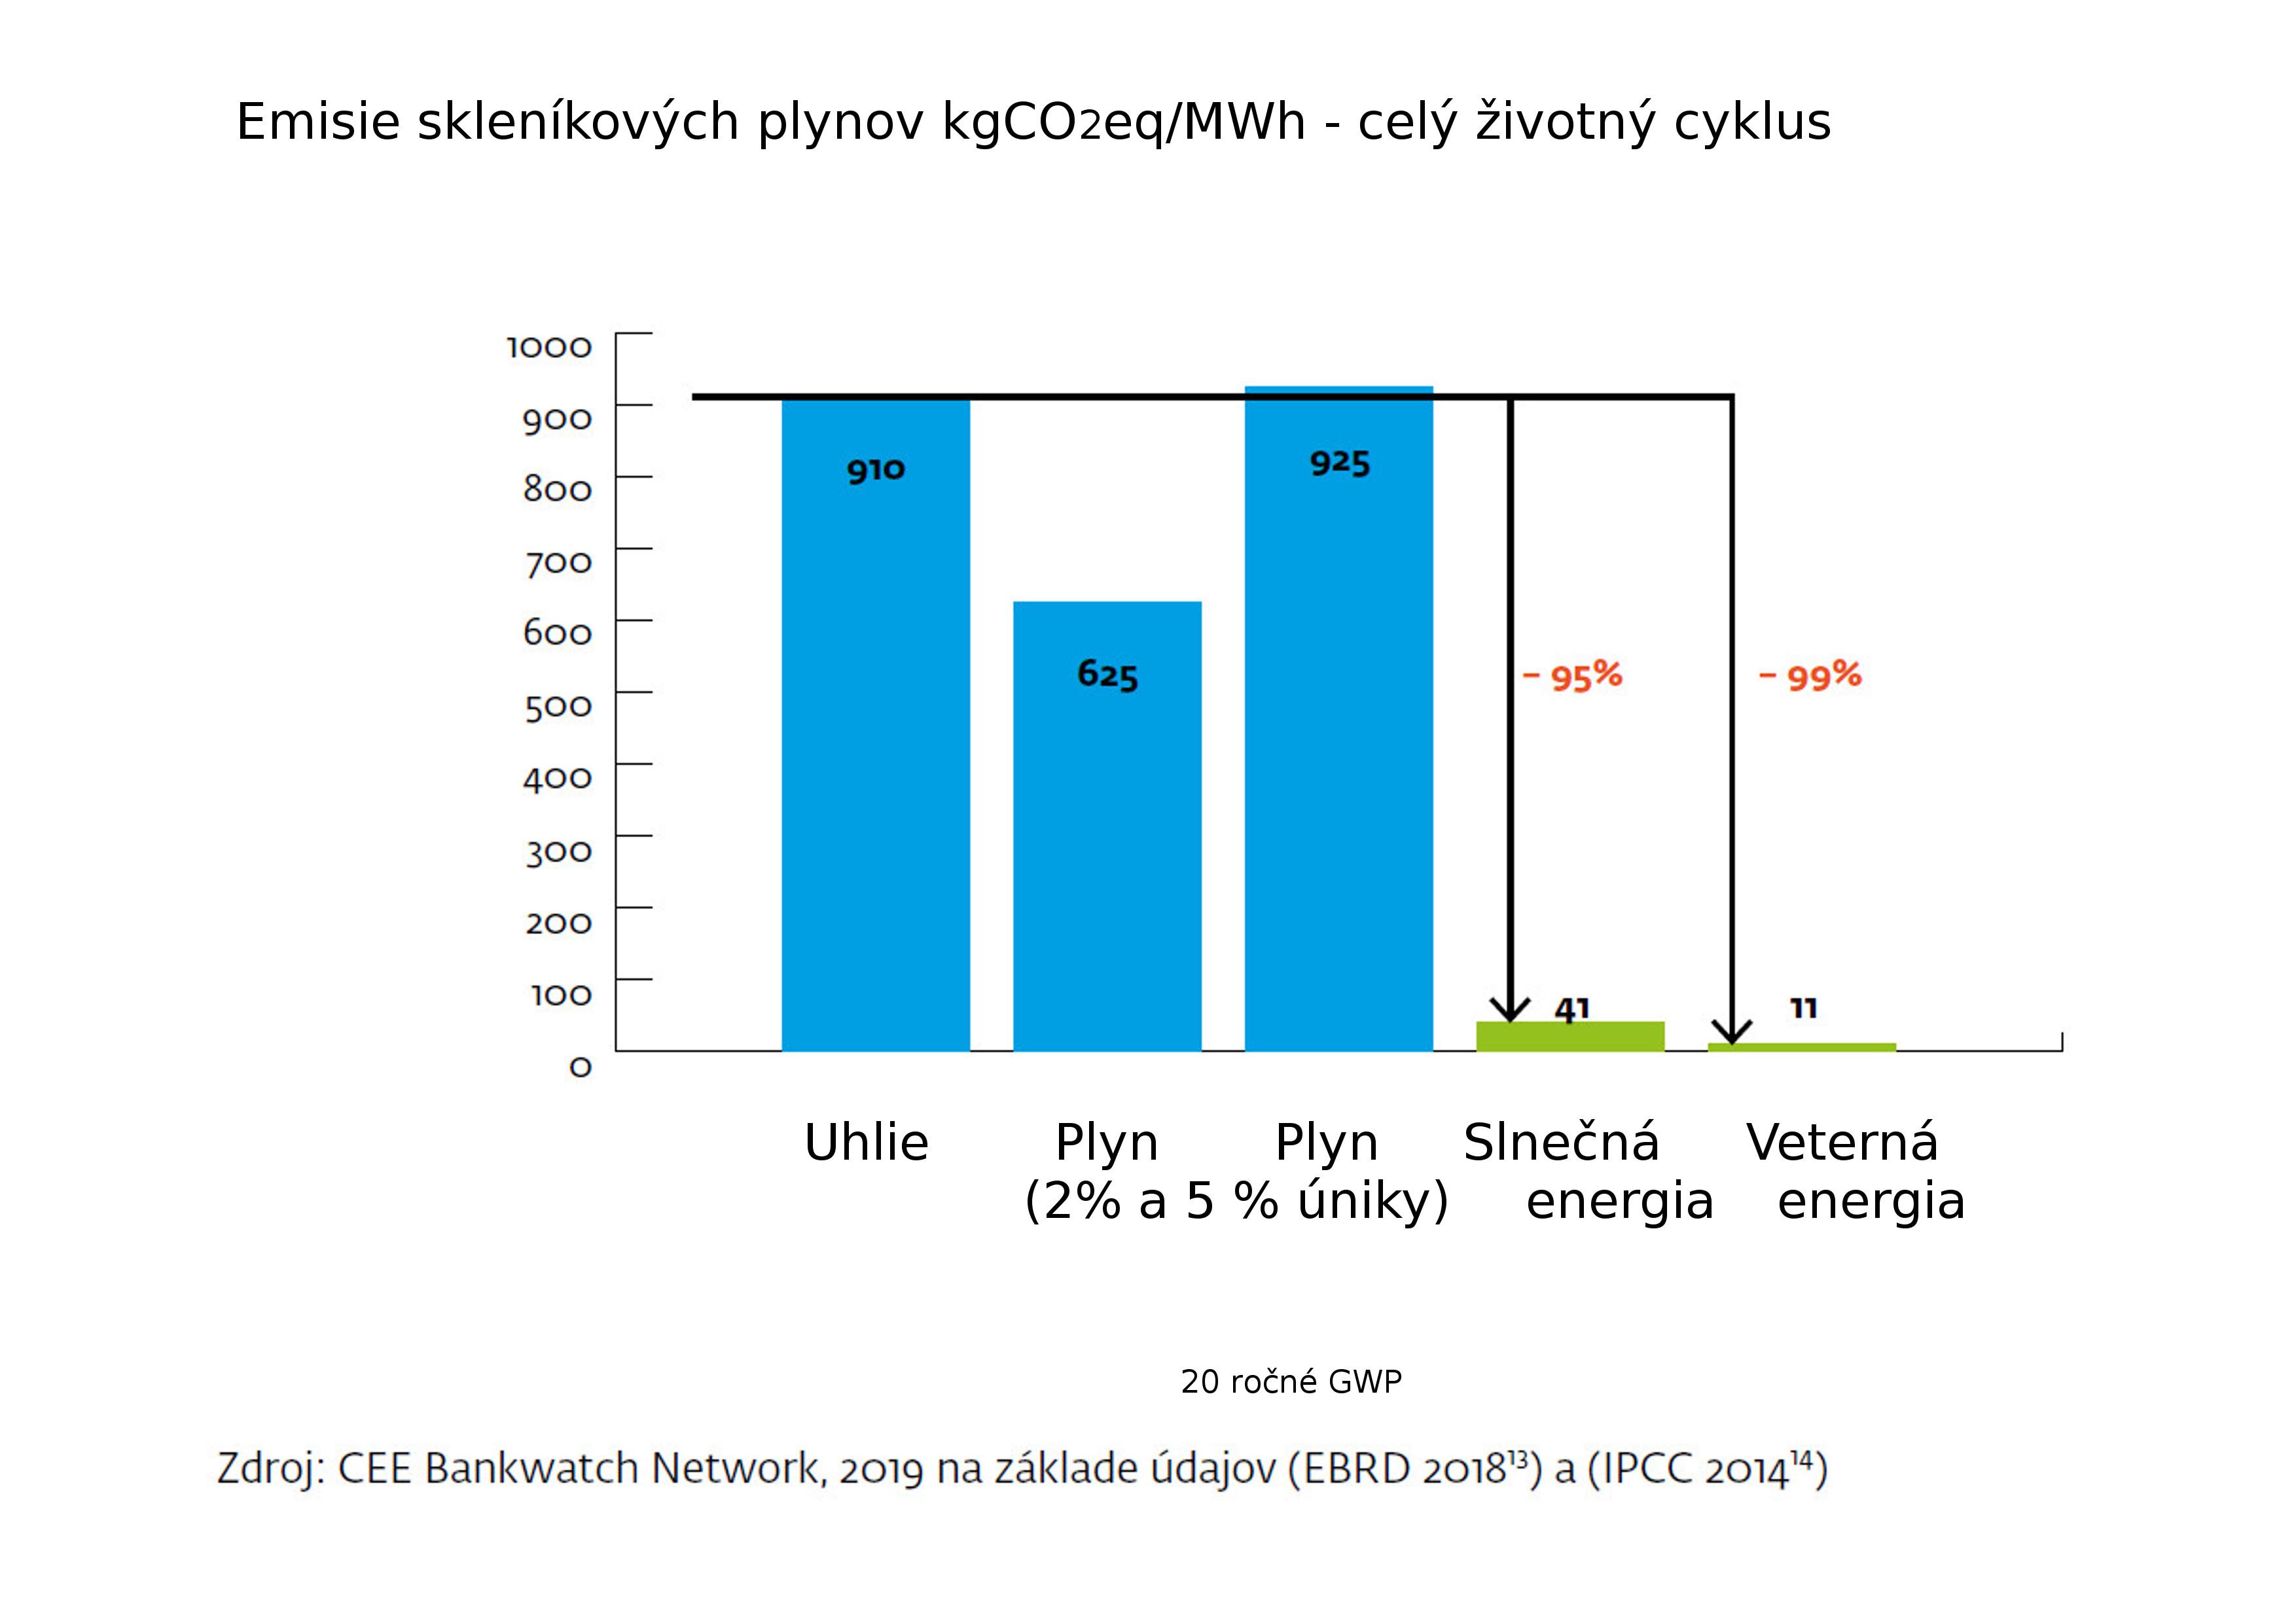 IPCCEBRD-Emisie-Uhlie-plyn-uniky-OZE-SK-1.jpg